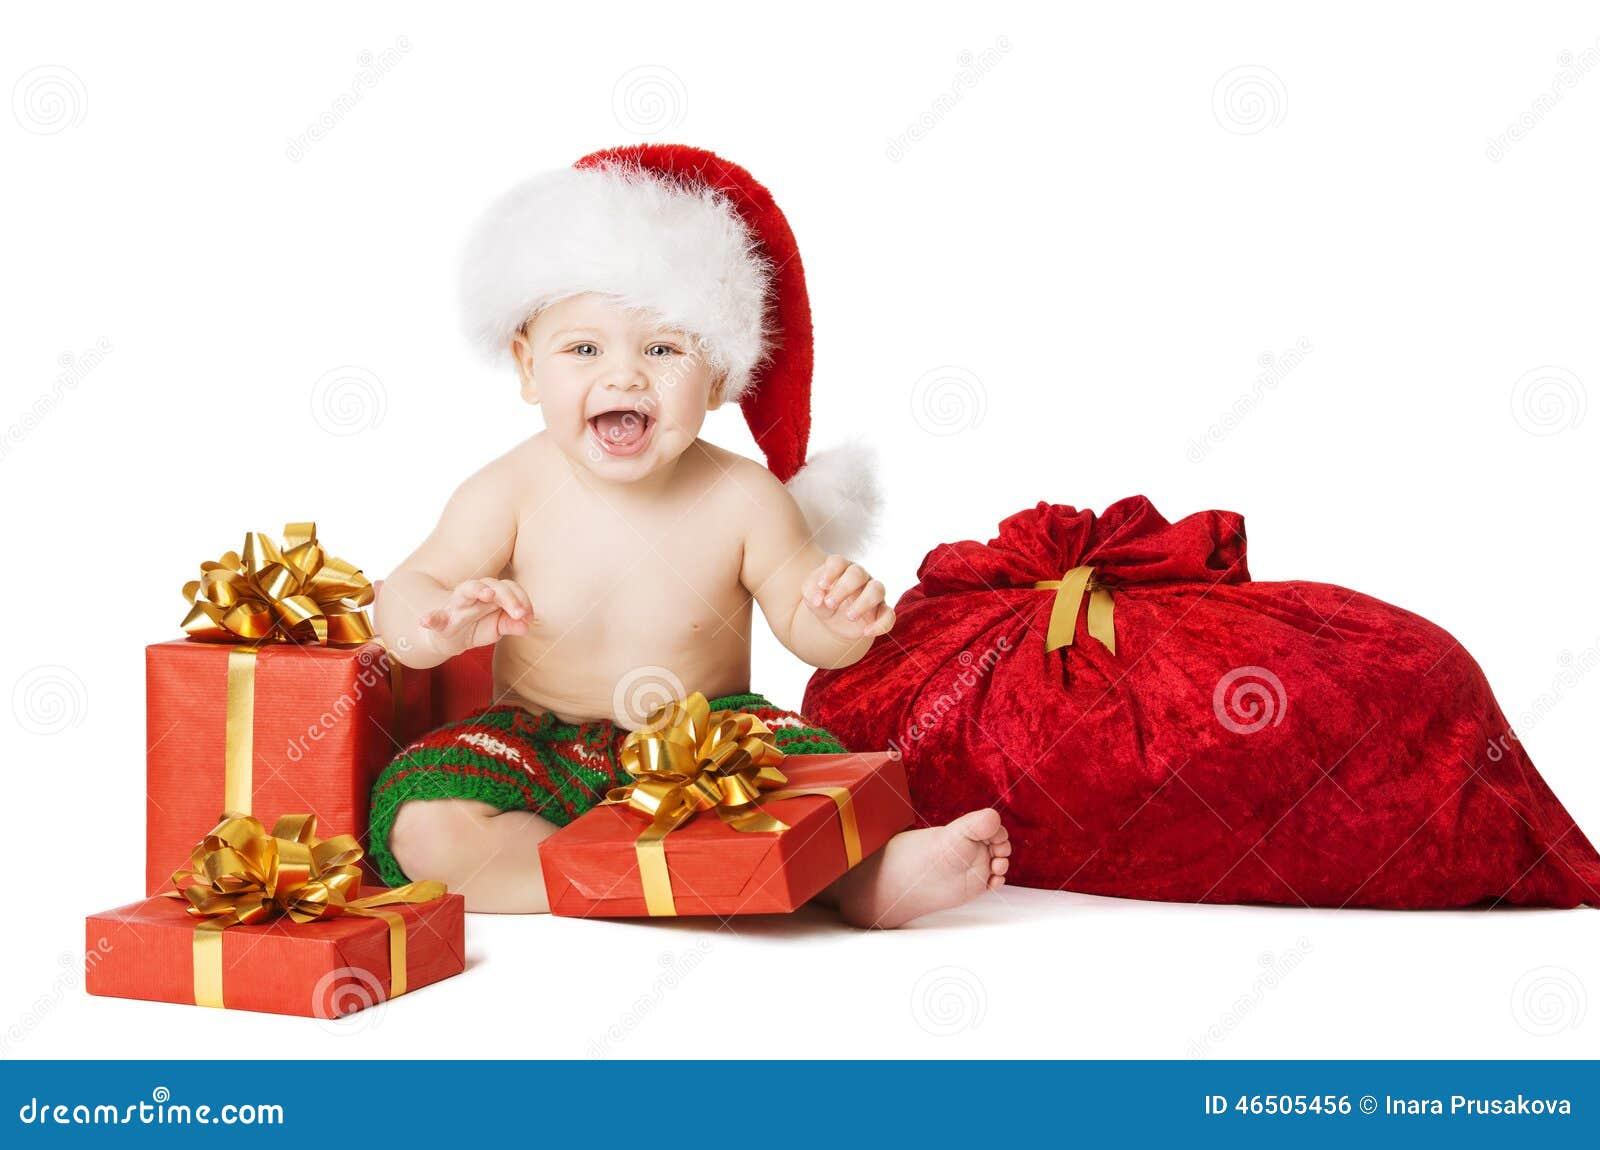 Παιδιά μωρών Χριστουγέννων, παρούσες κιβώτιο δώρων παιδιών και τσάντα Santa